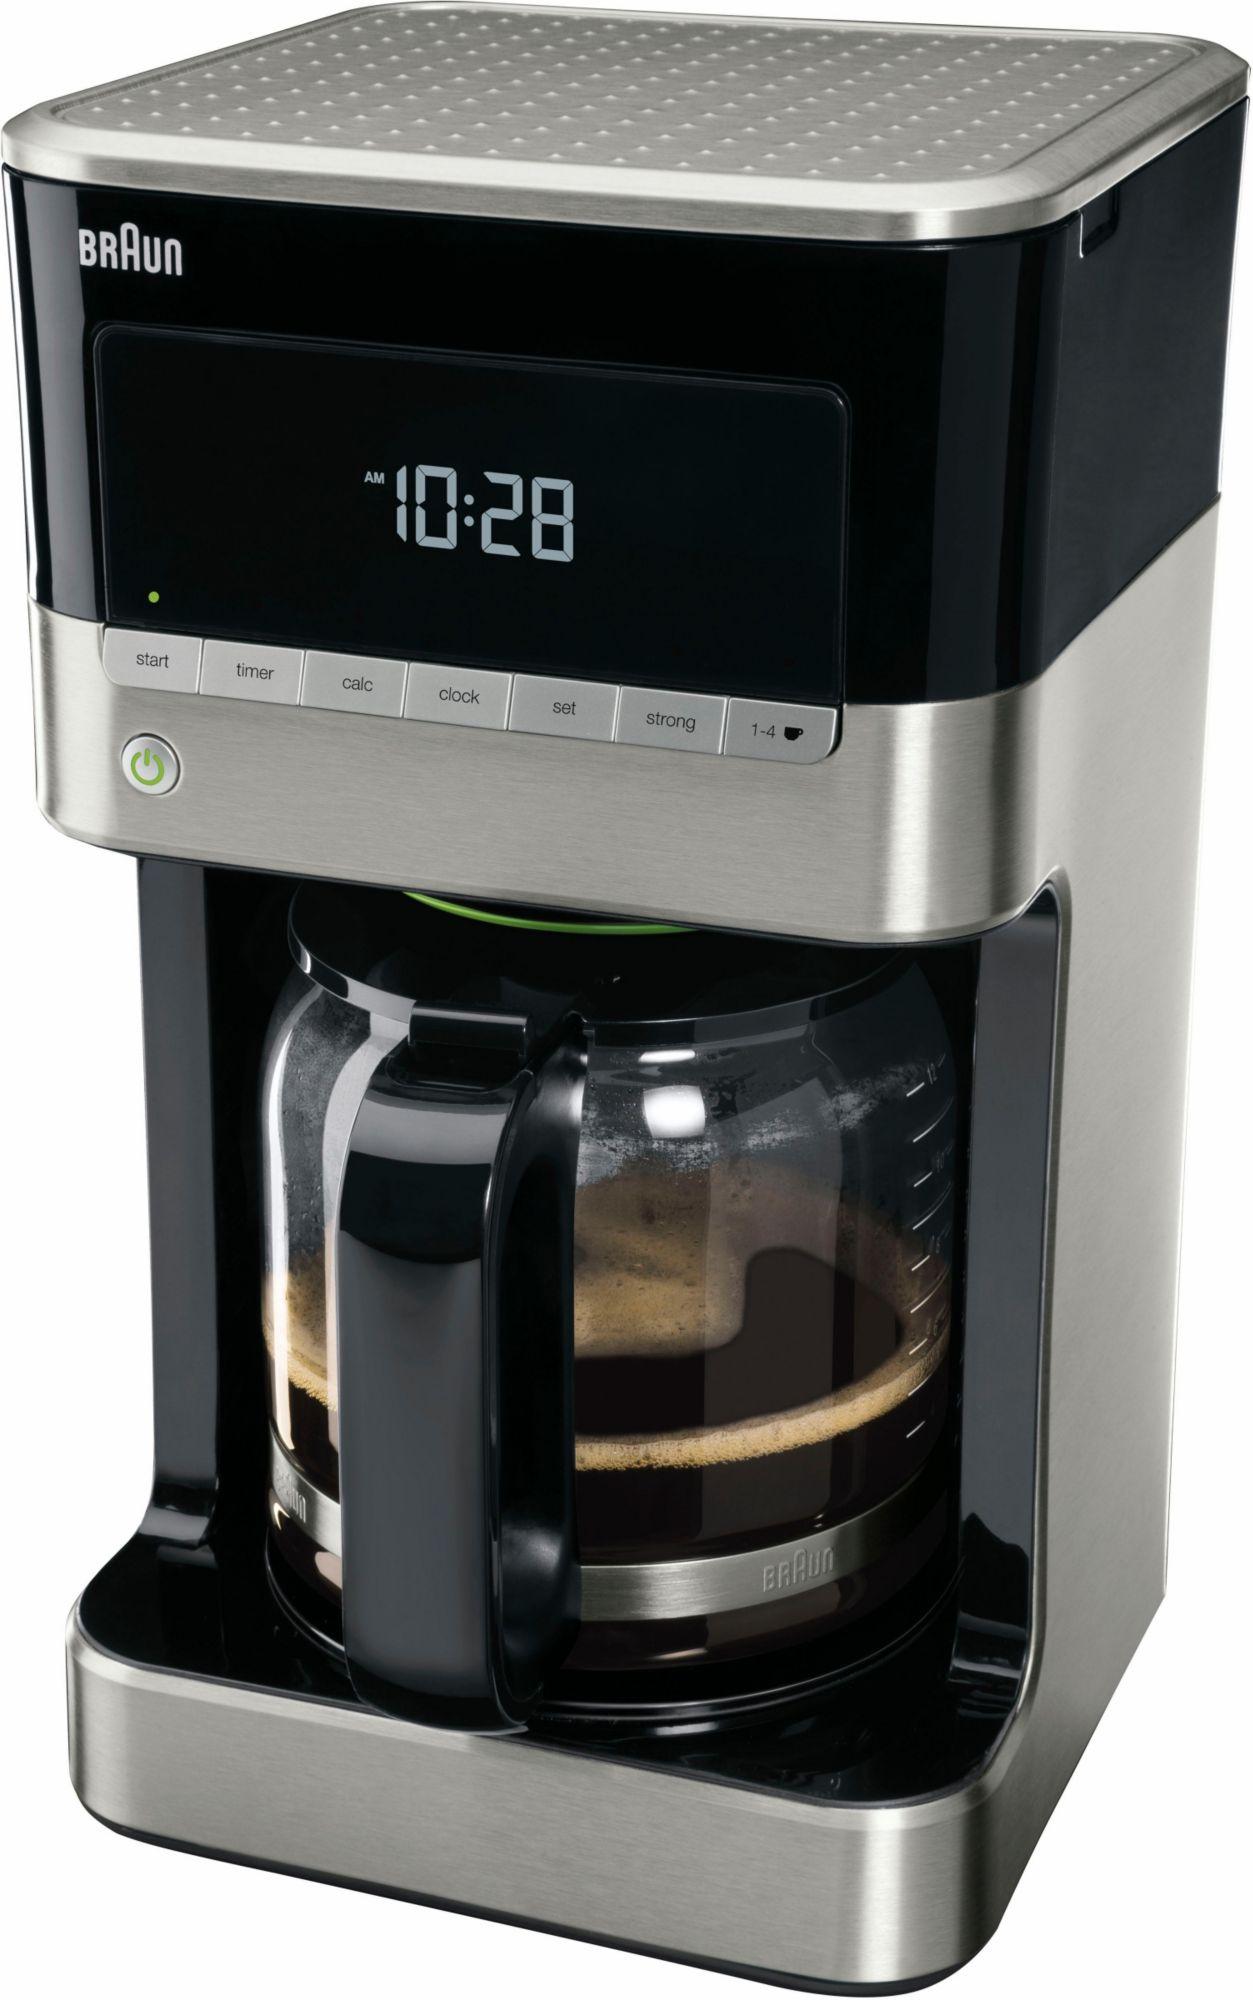 BRAUN Braun Kaffeemaschine KF 7120, edelstahl-schwarz